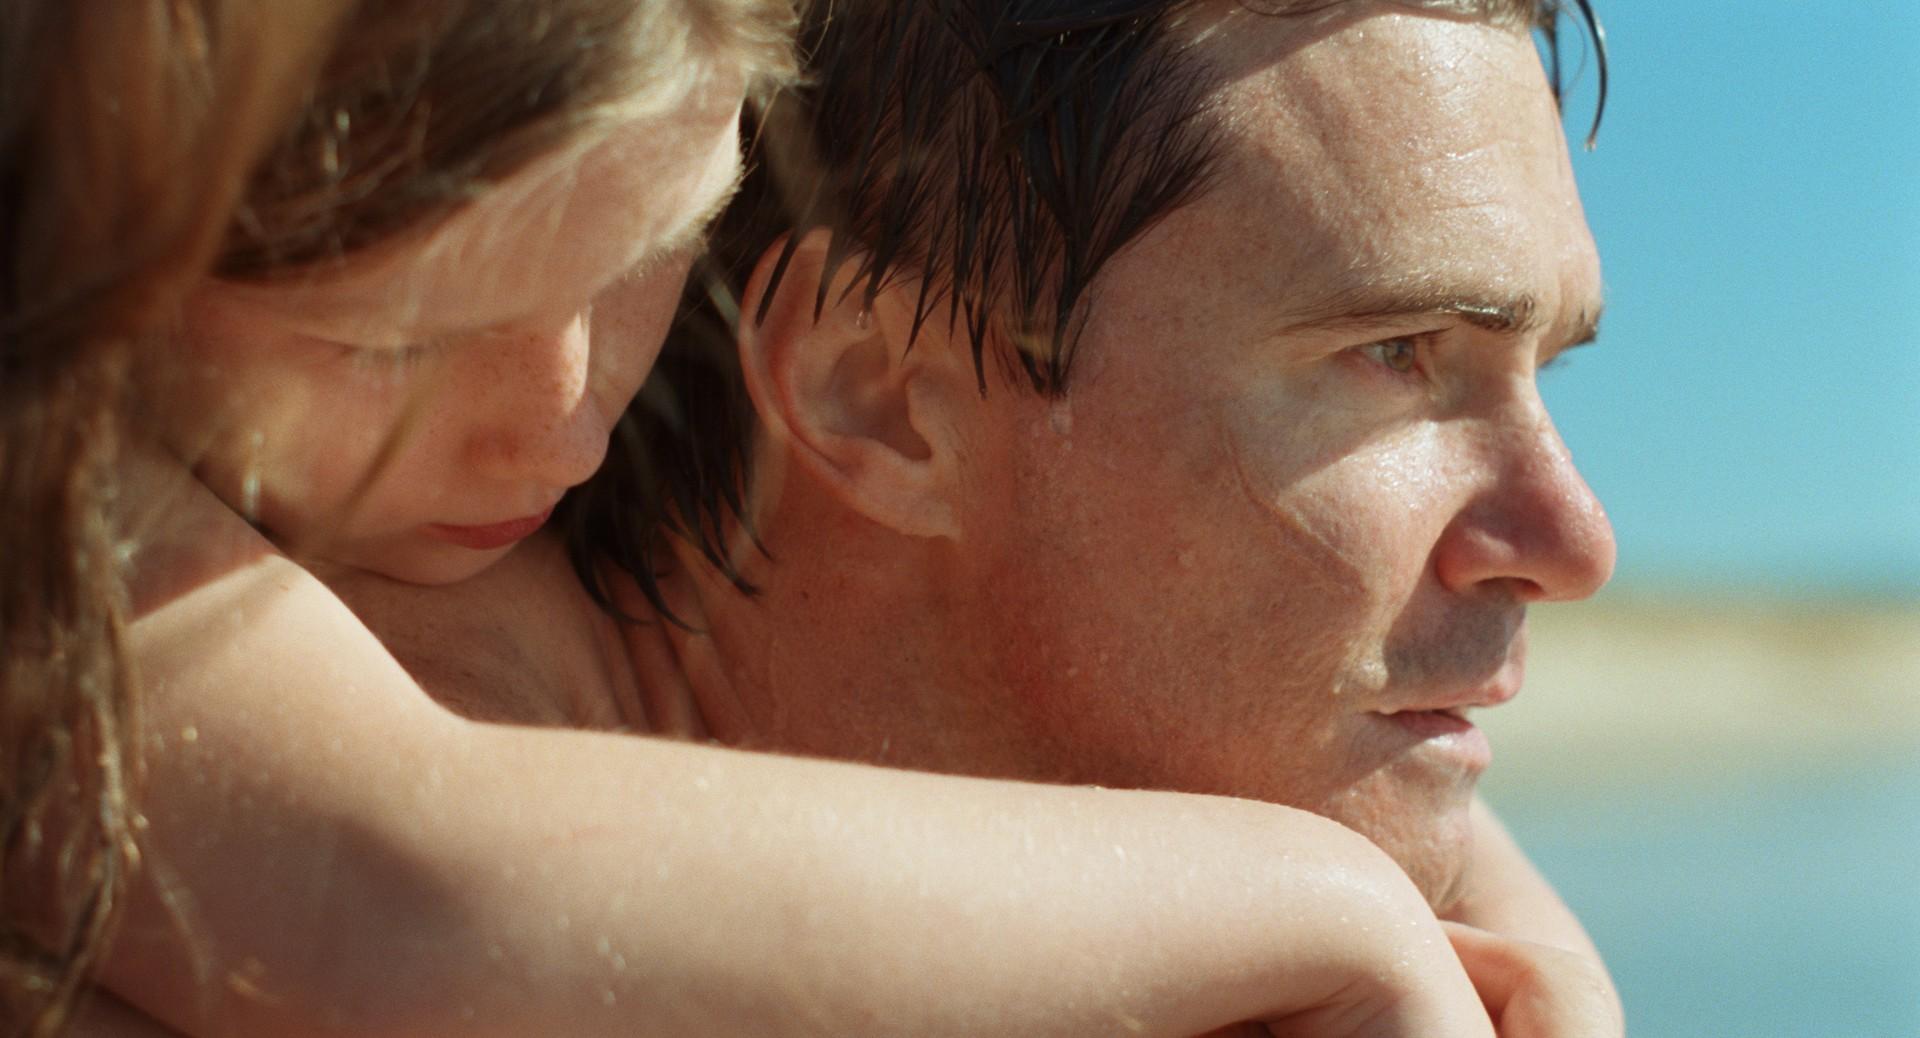 Film Still - THE_RAVENS_short_film_2_copy.jpg